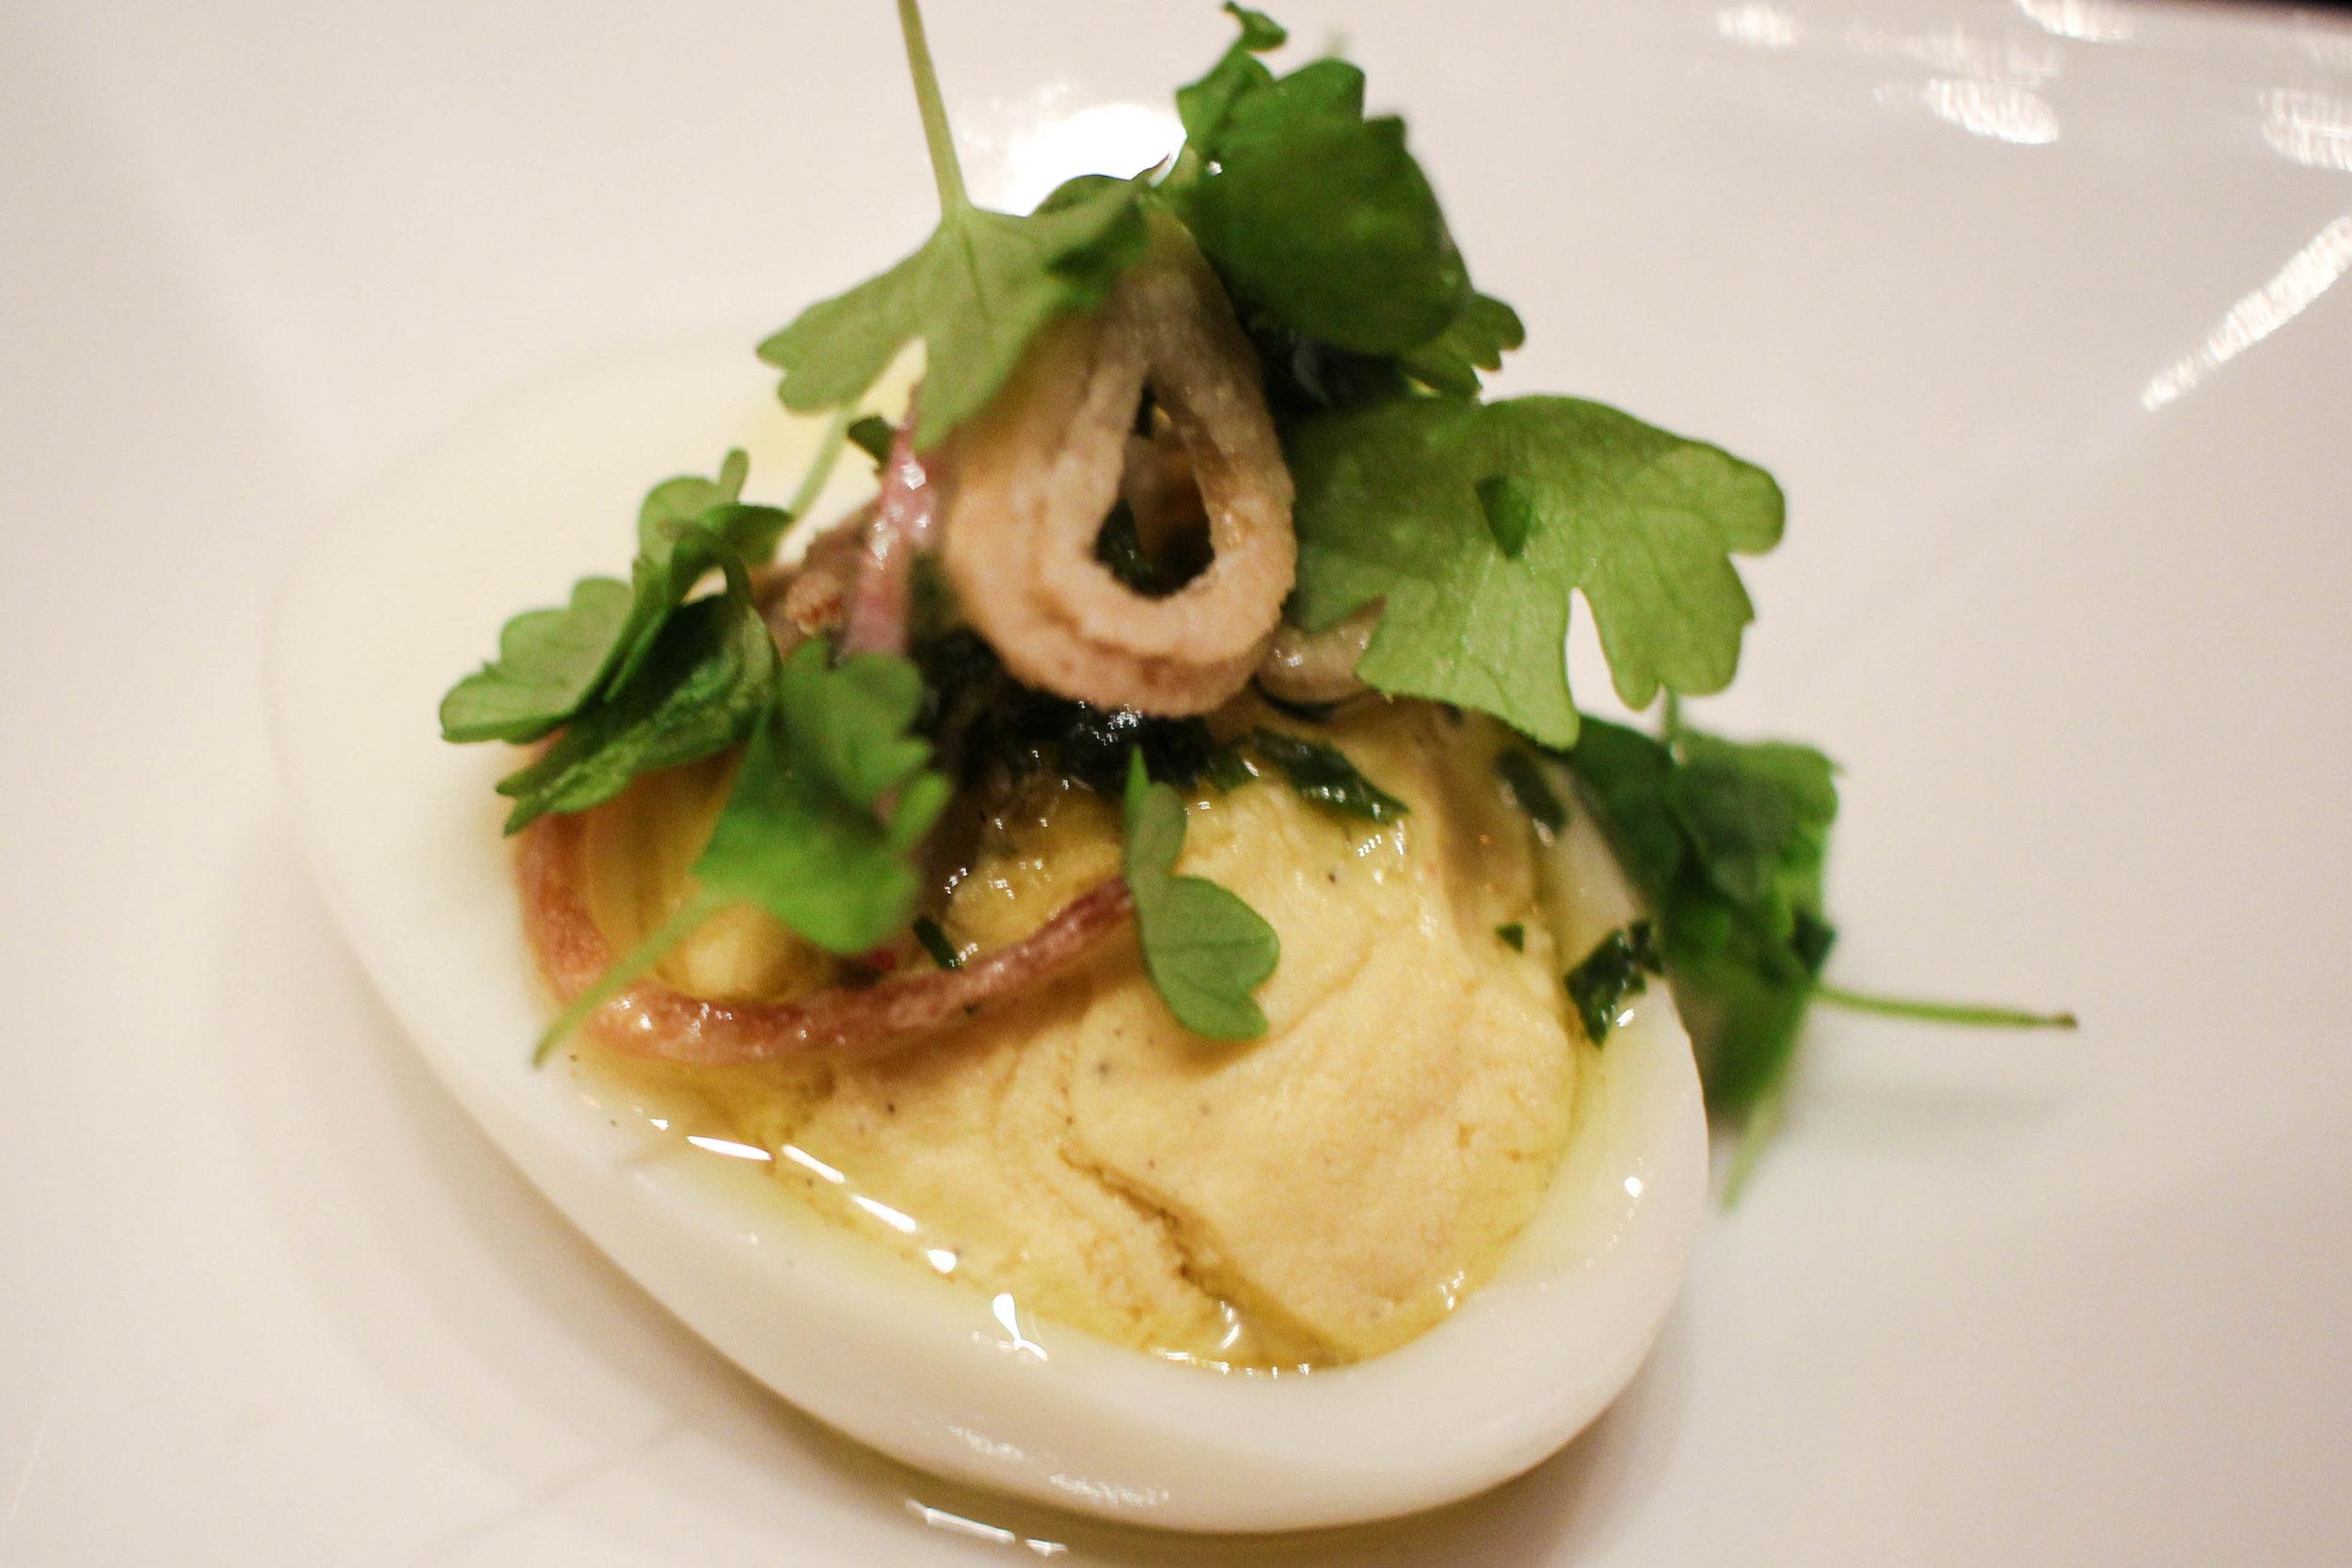 Deviled egg with salsa verde, breakfast radish, crispy shallot